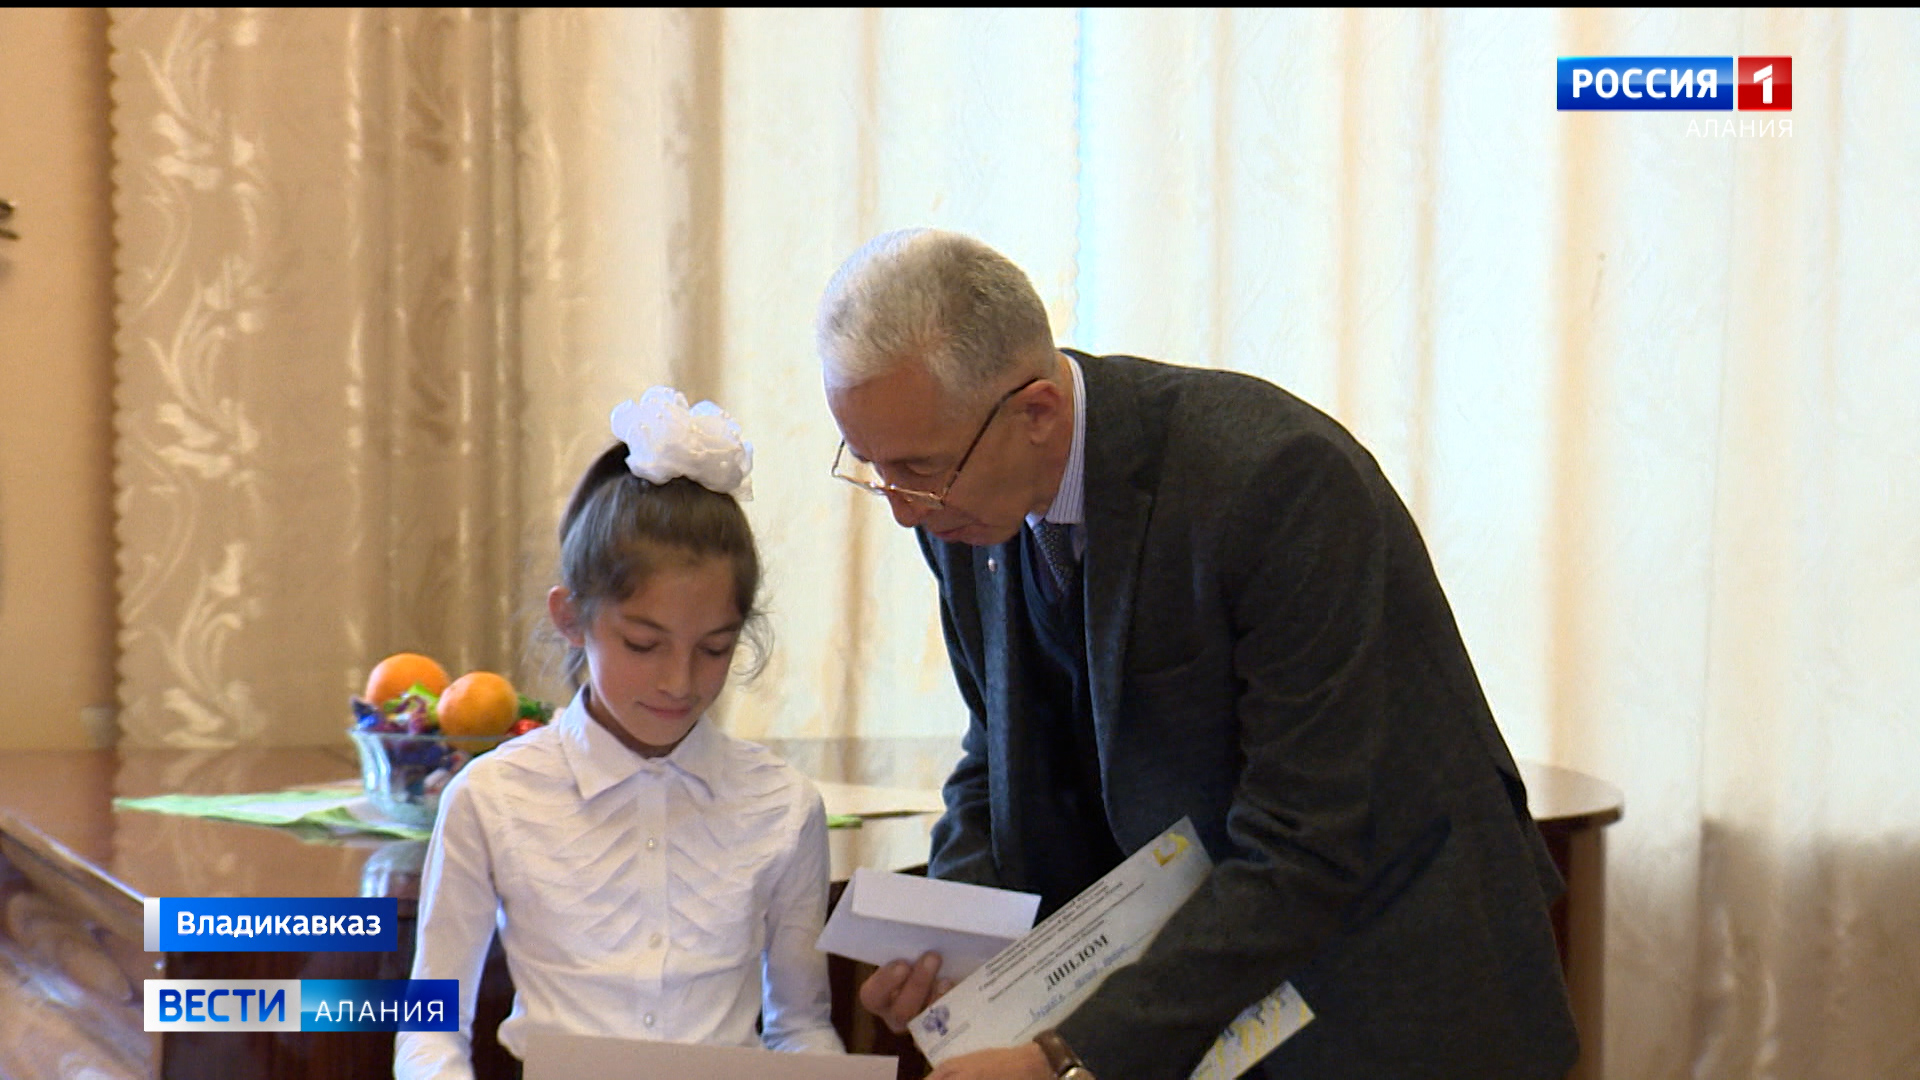 34 юных музыканта из Северной Осетии стали лауреатами межрегионального конкурса